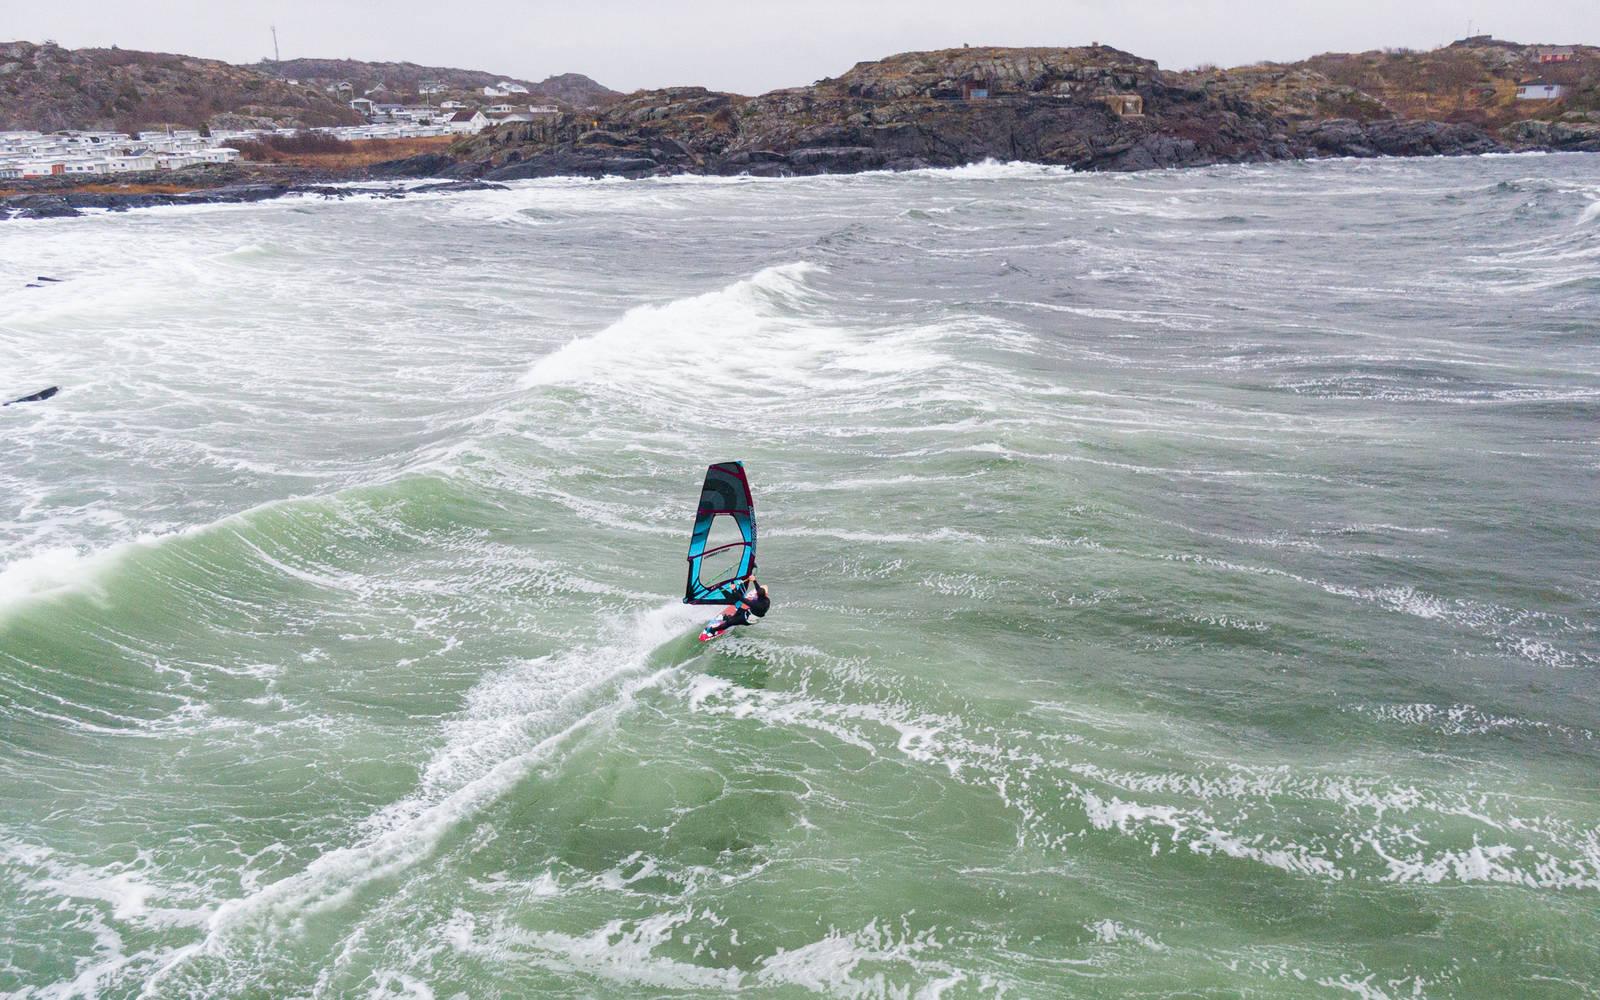 Windsurfing Saltstein foto: Christian Nerdrum